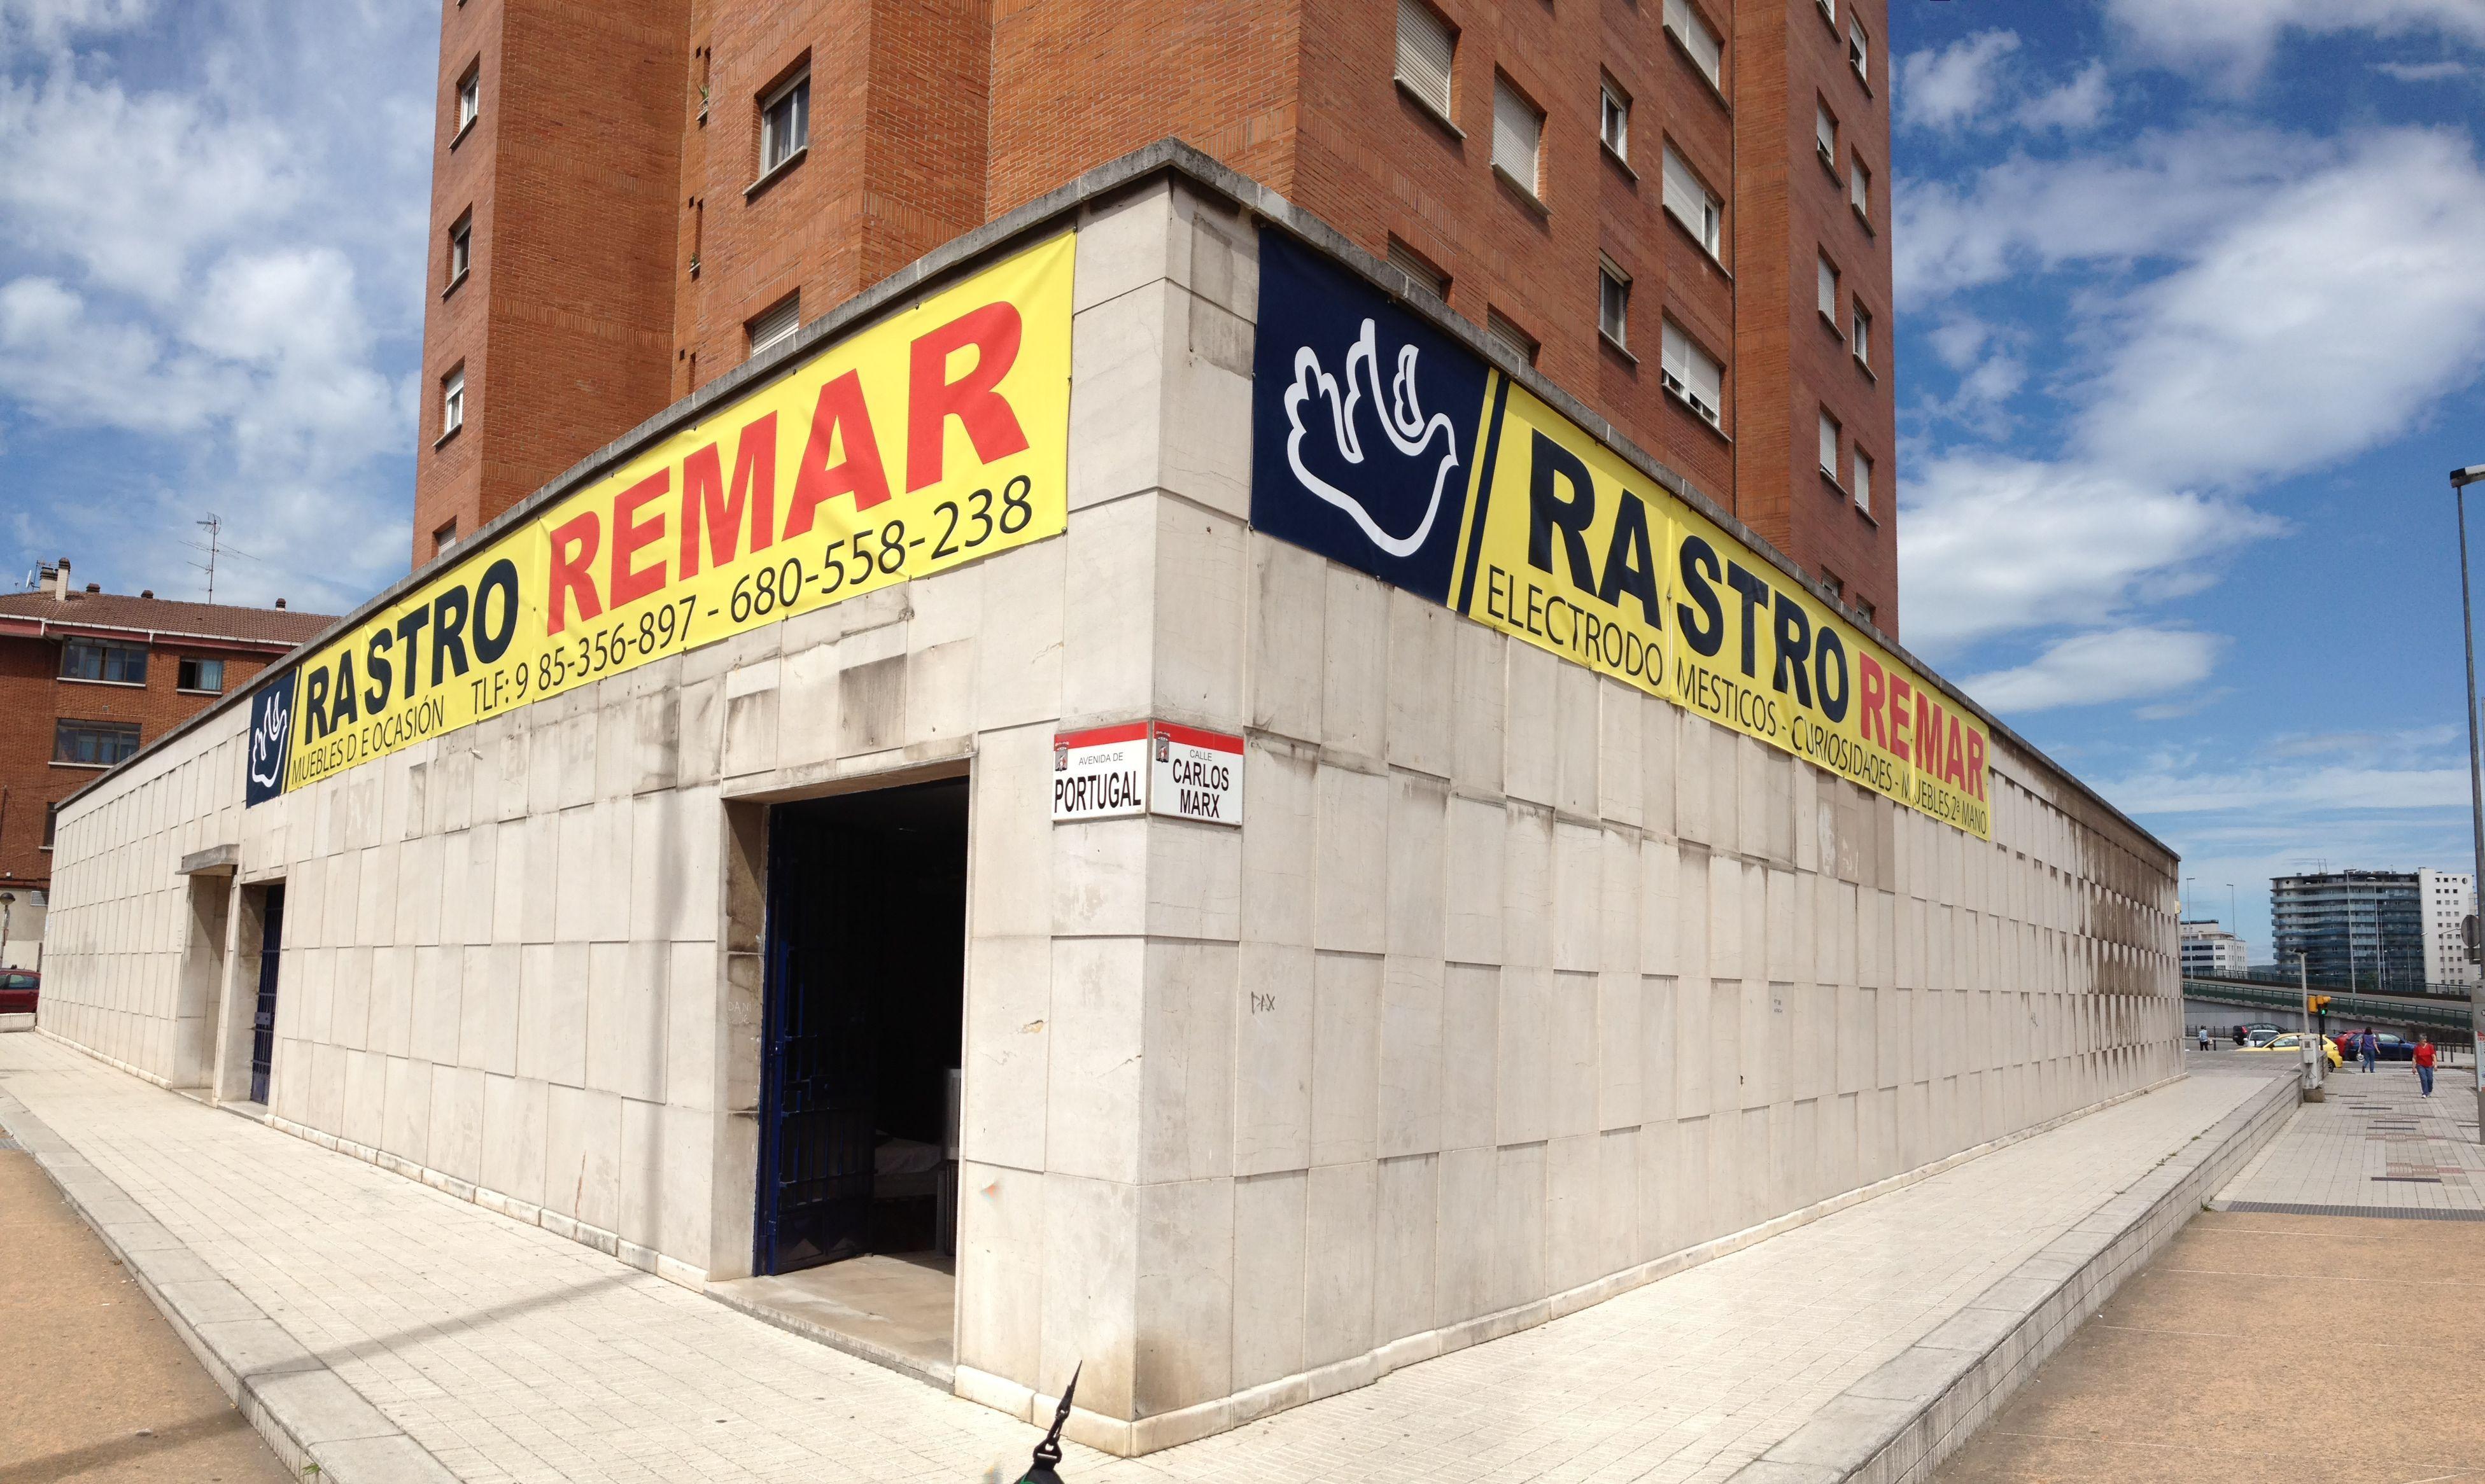 Recogida de muebles usados en gij n remar asturias - Remar recogida muebles ...